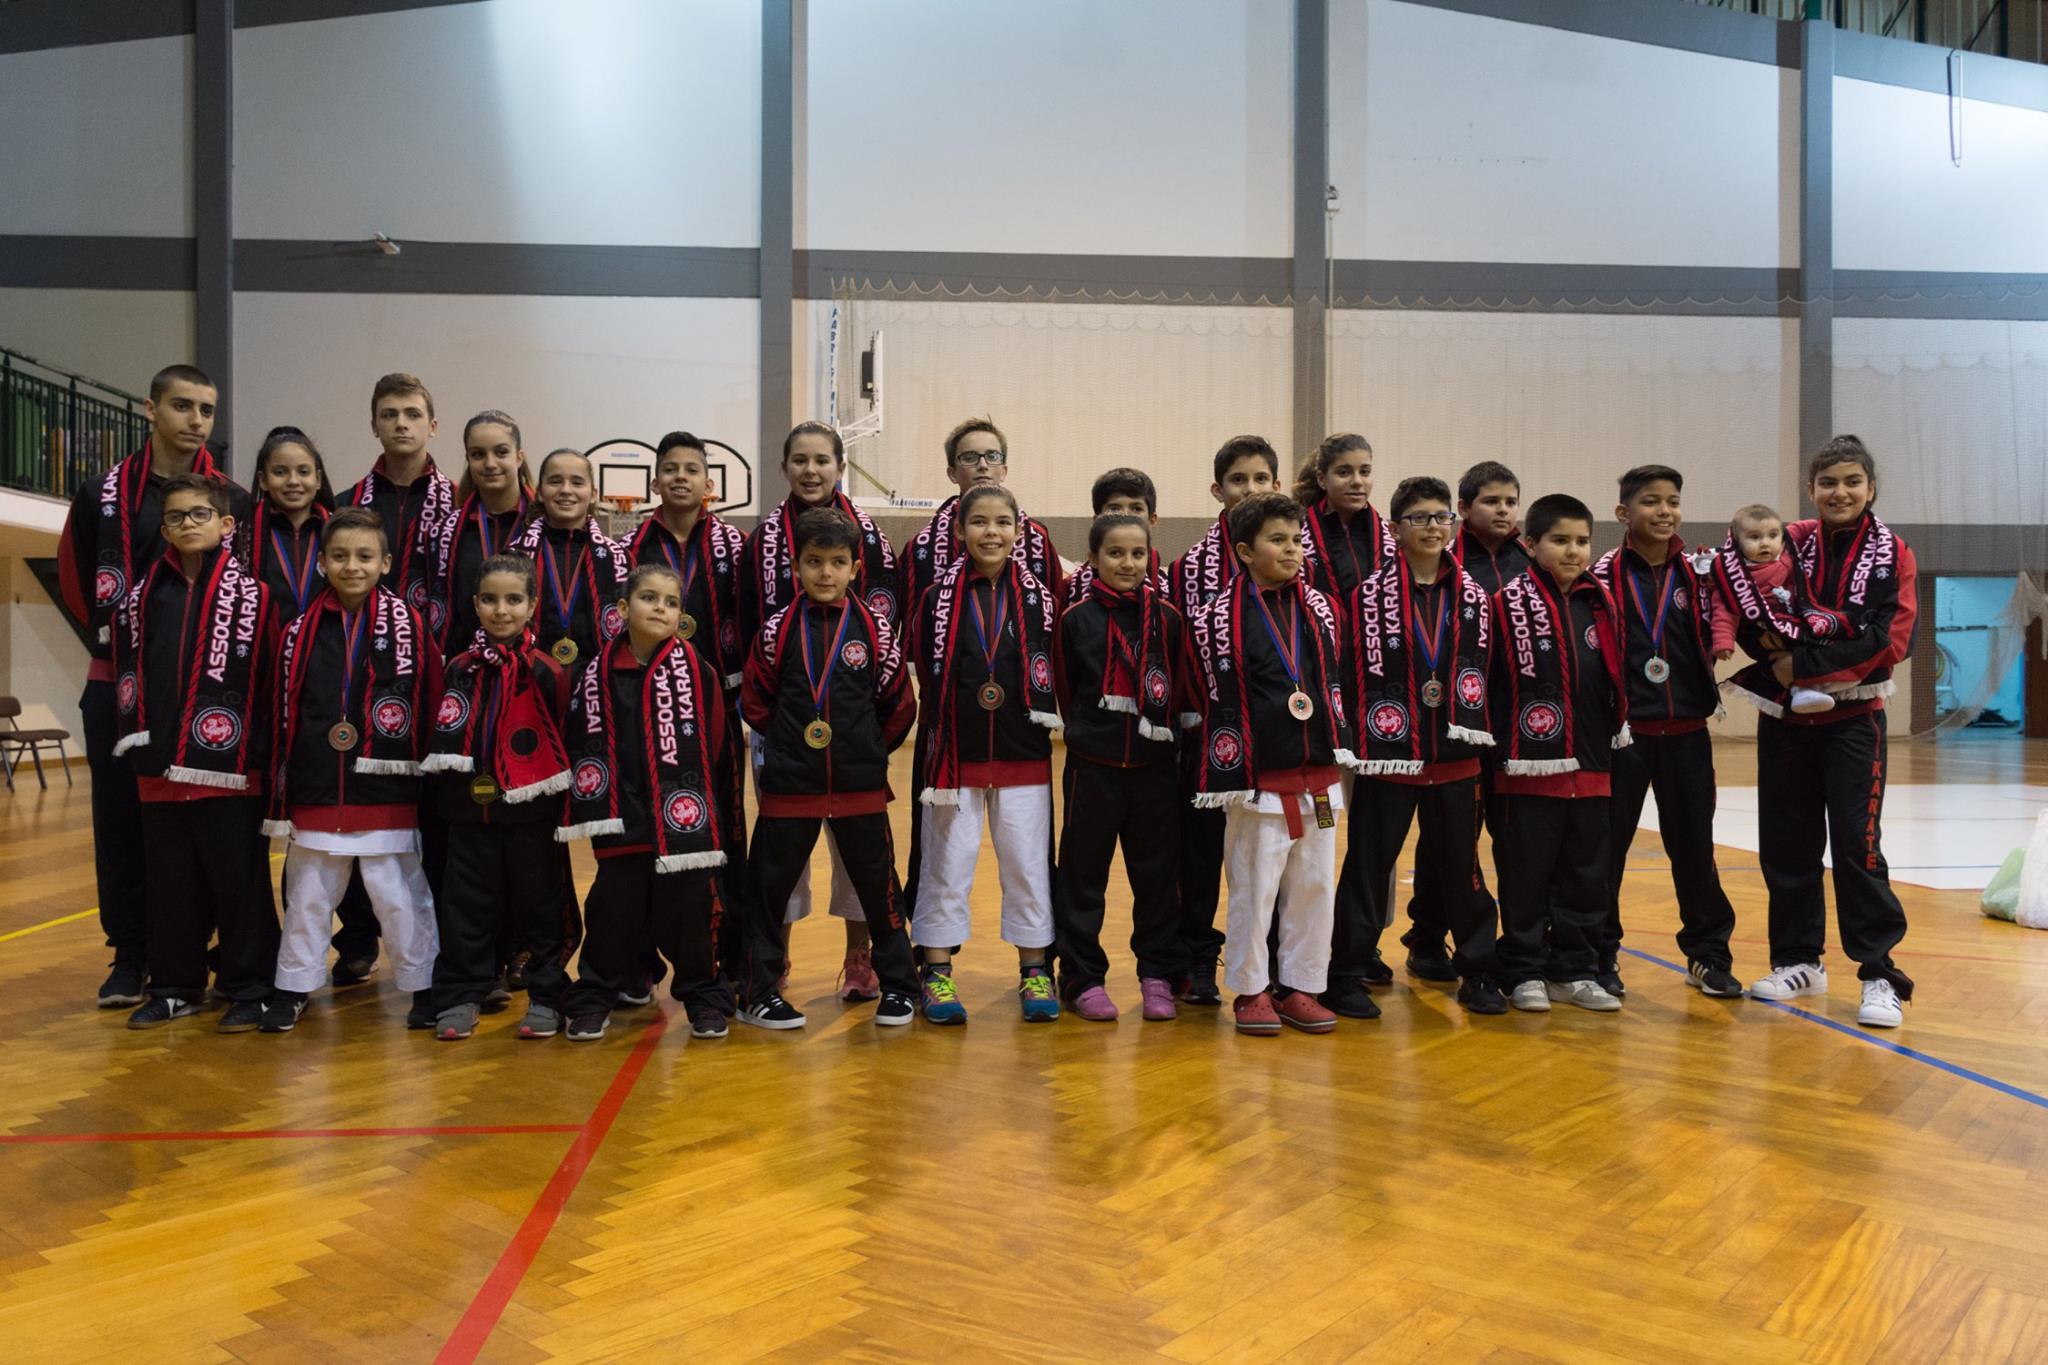 Campeonato Nacional de Karate - Fase Regional de Infantis, Iniciados e Juvenis 2018